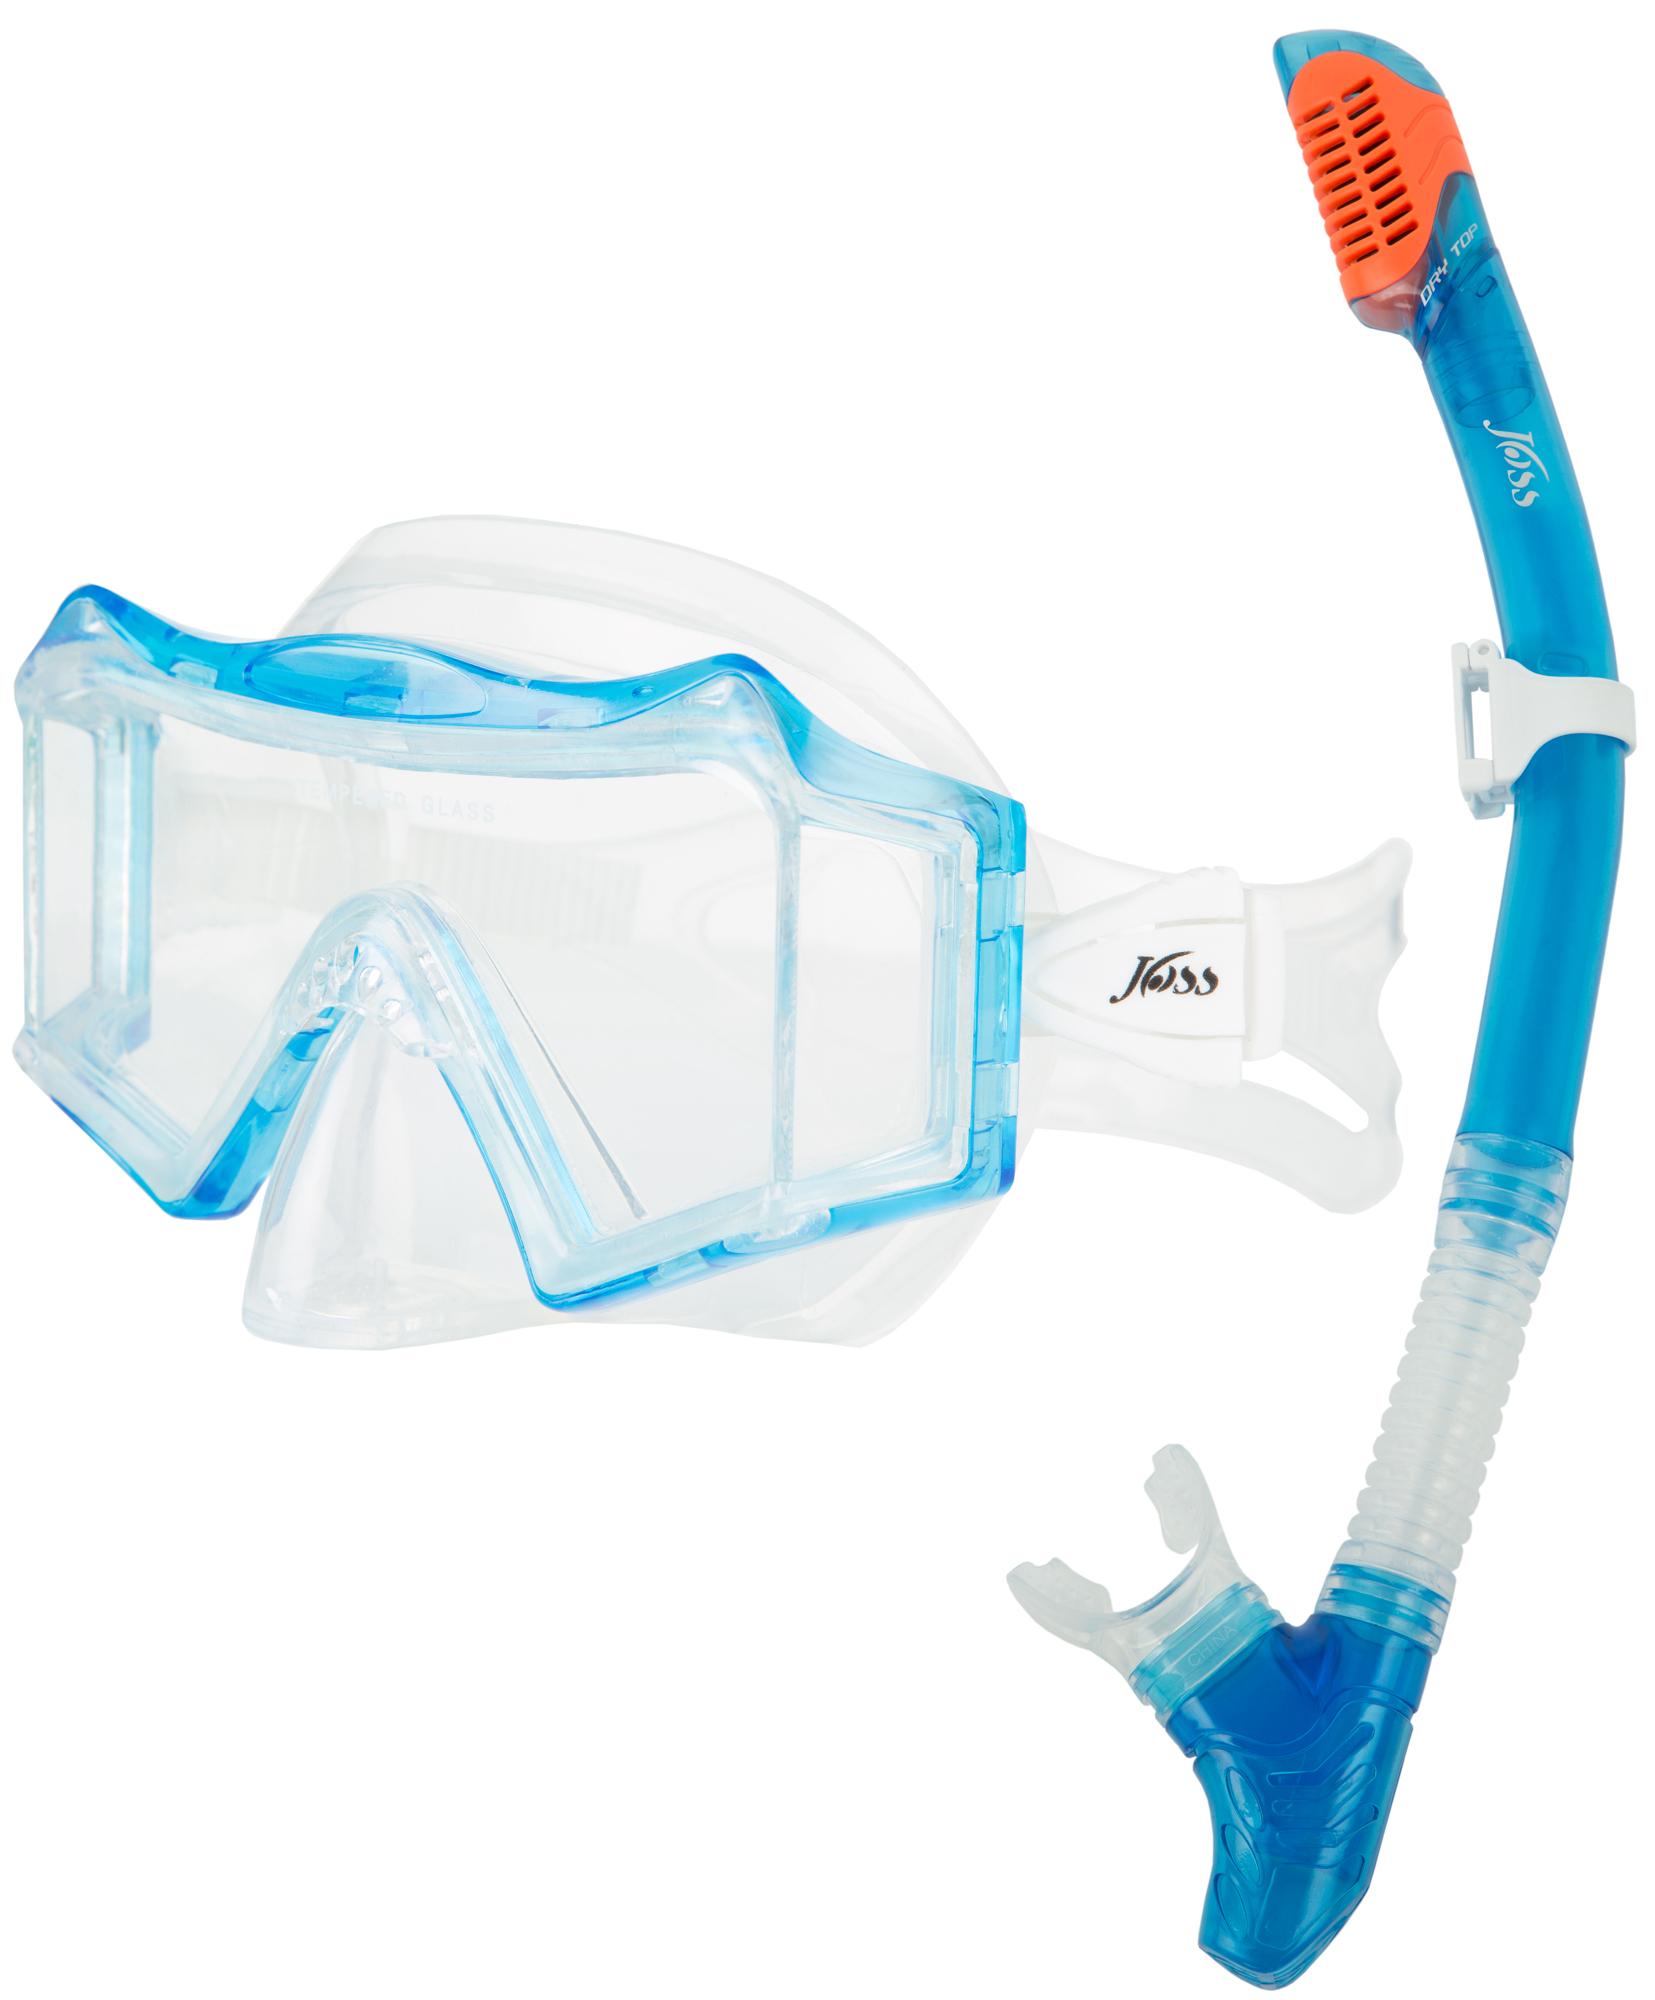 Joss Комплект для плавания Joss